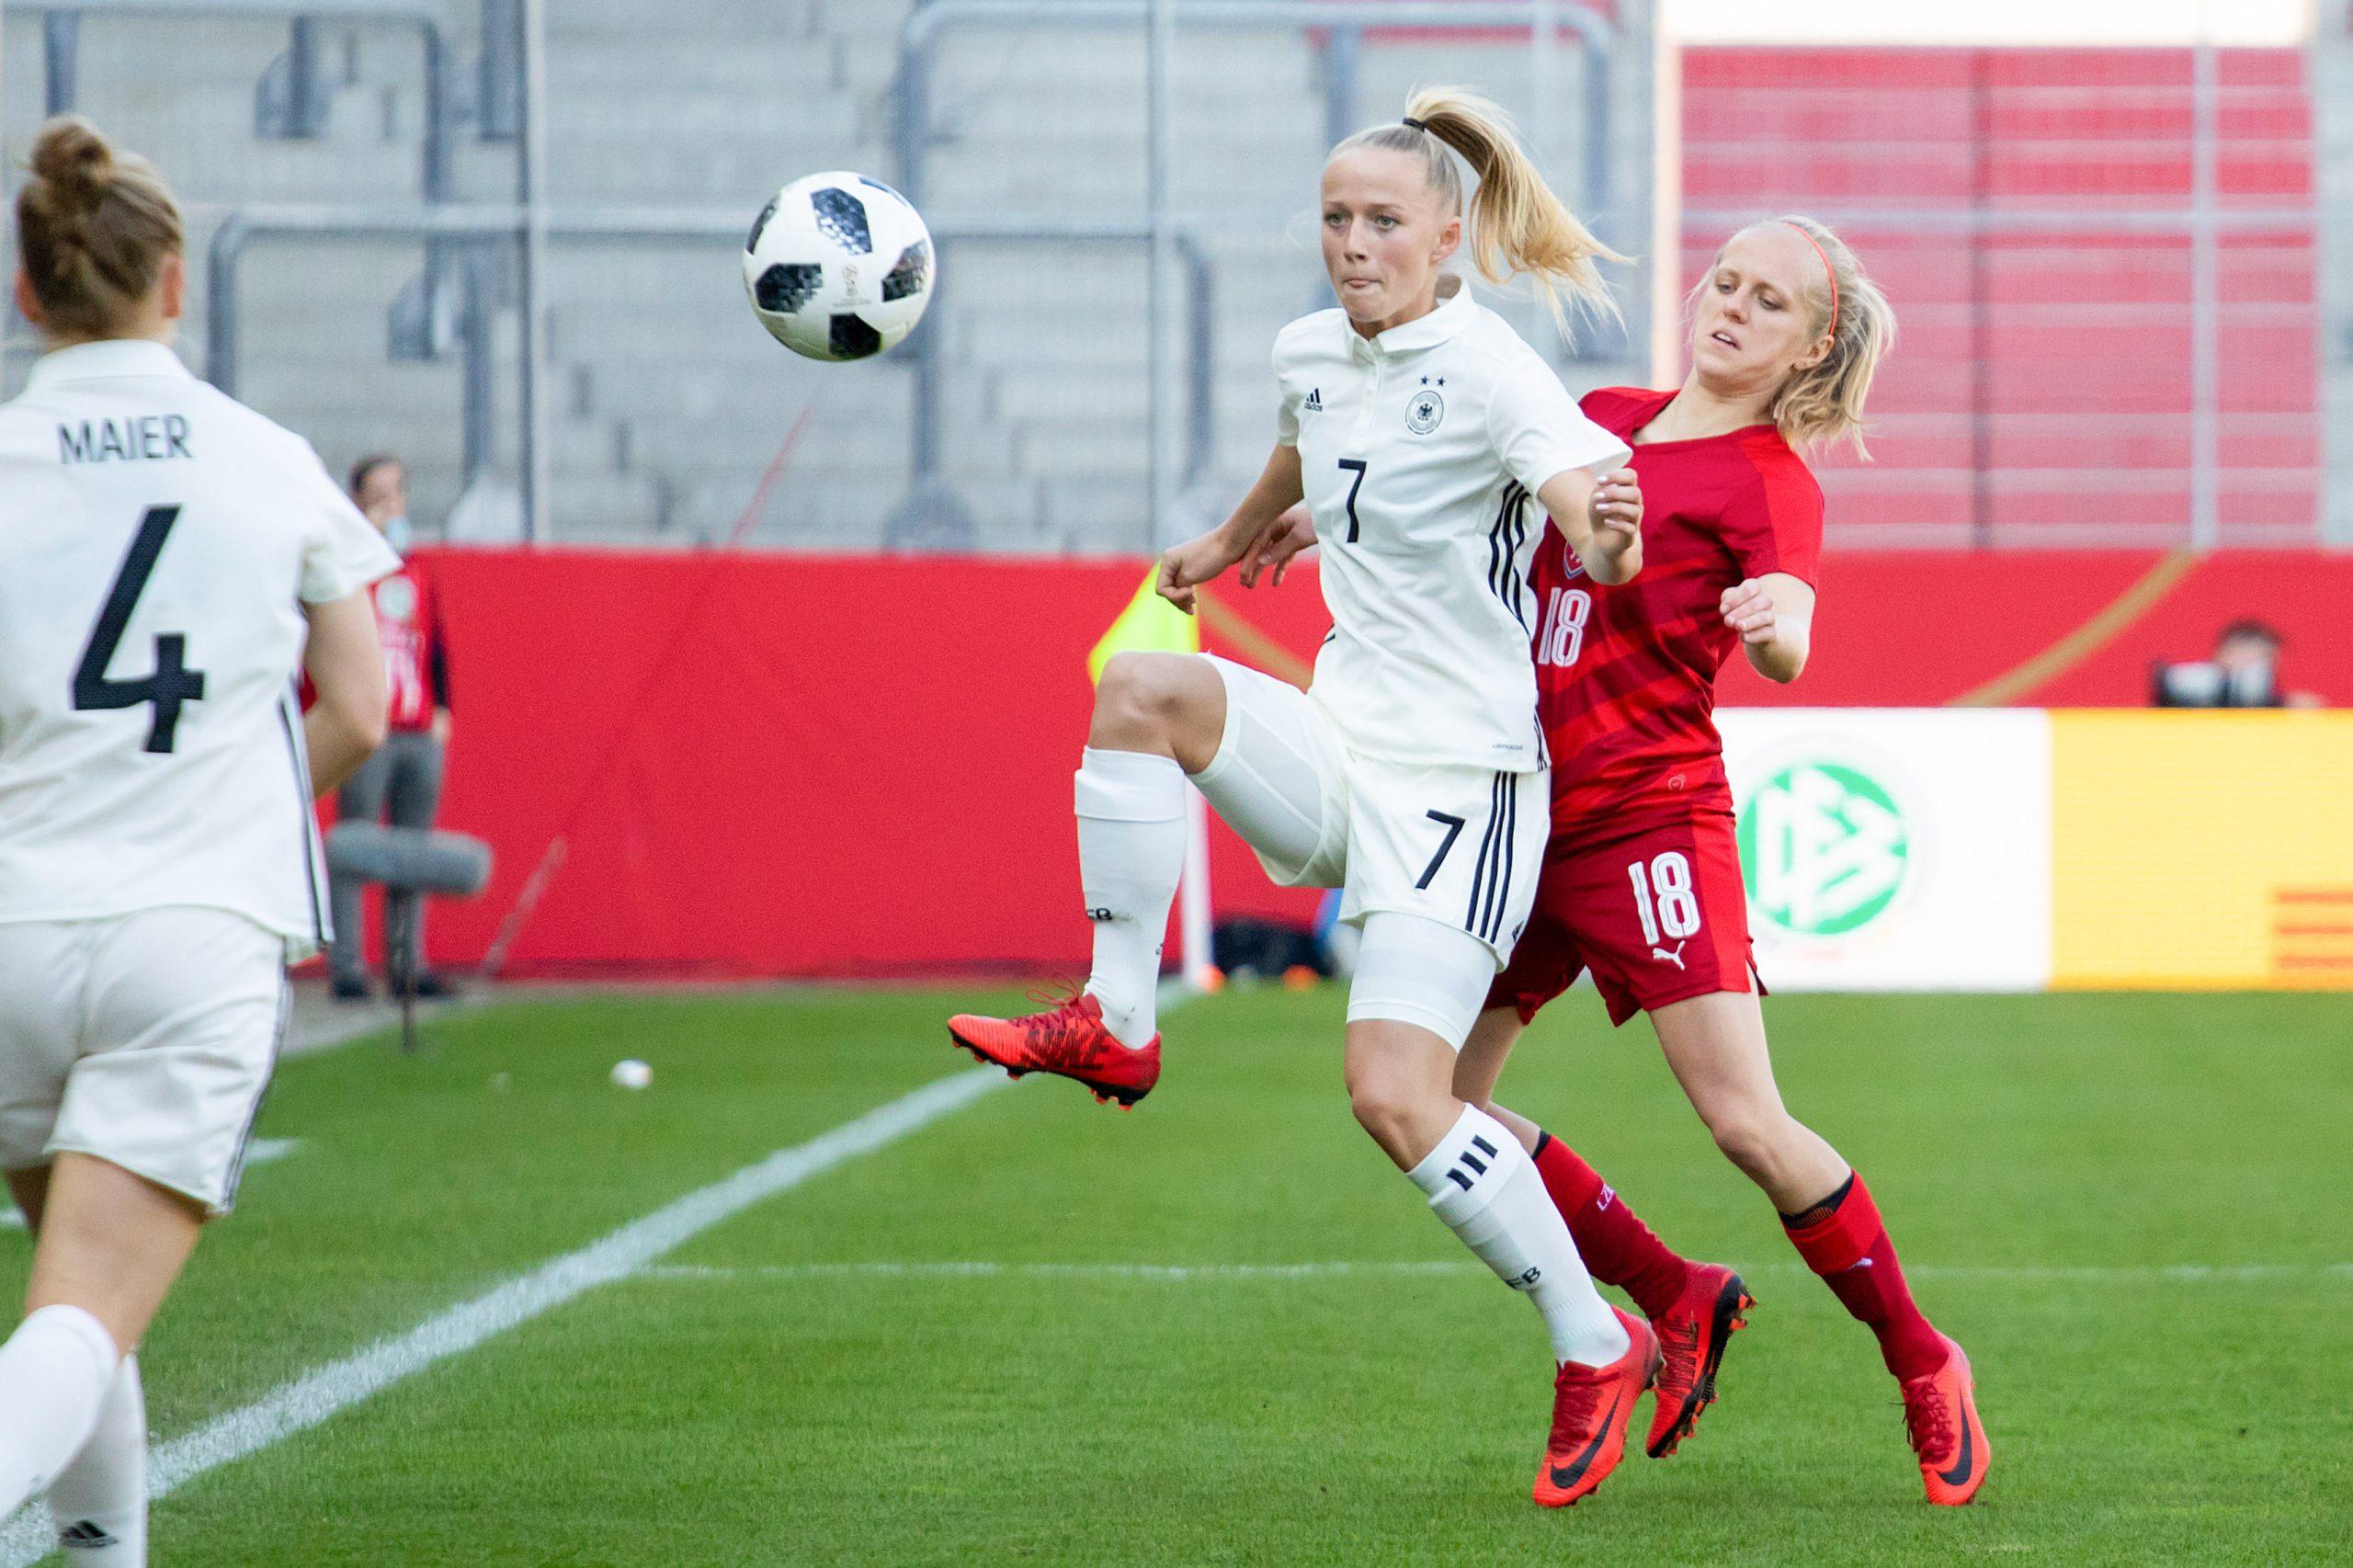 Lea Schuller en maillot de l'Allemagne contrôlant le ballon dans les airs. Une joueuse adverse la couvre dans son dos.